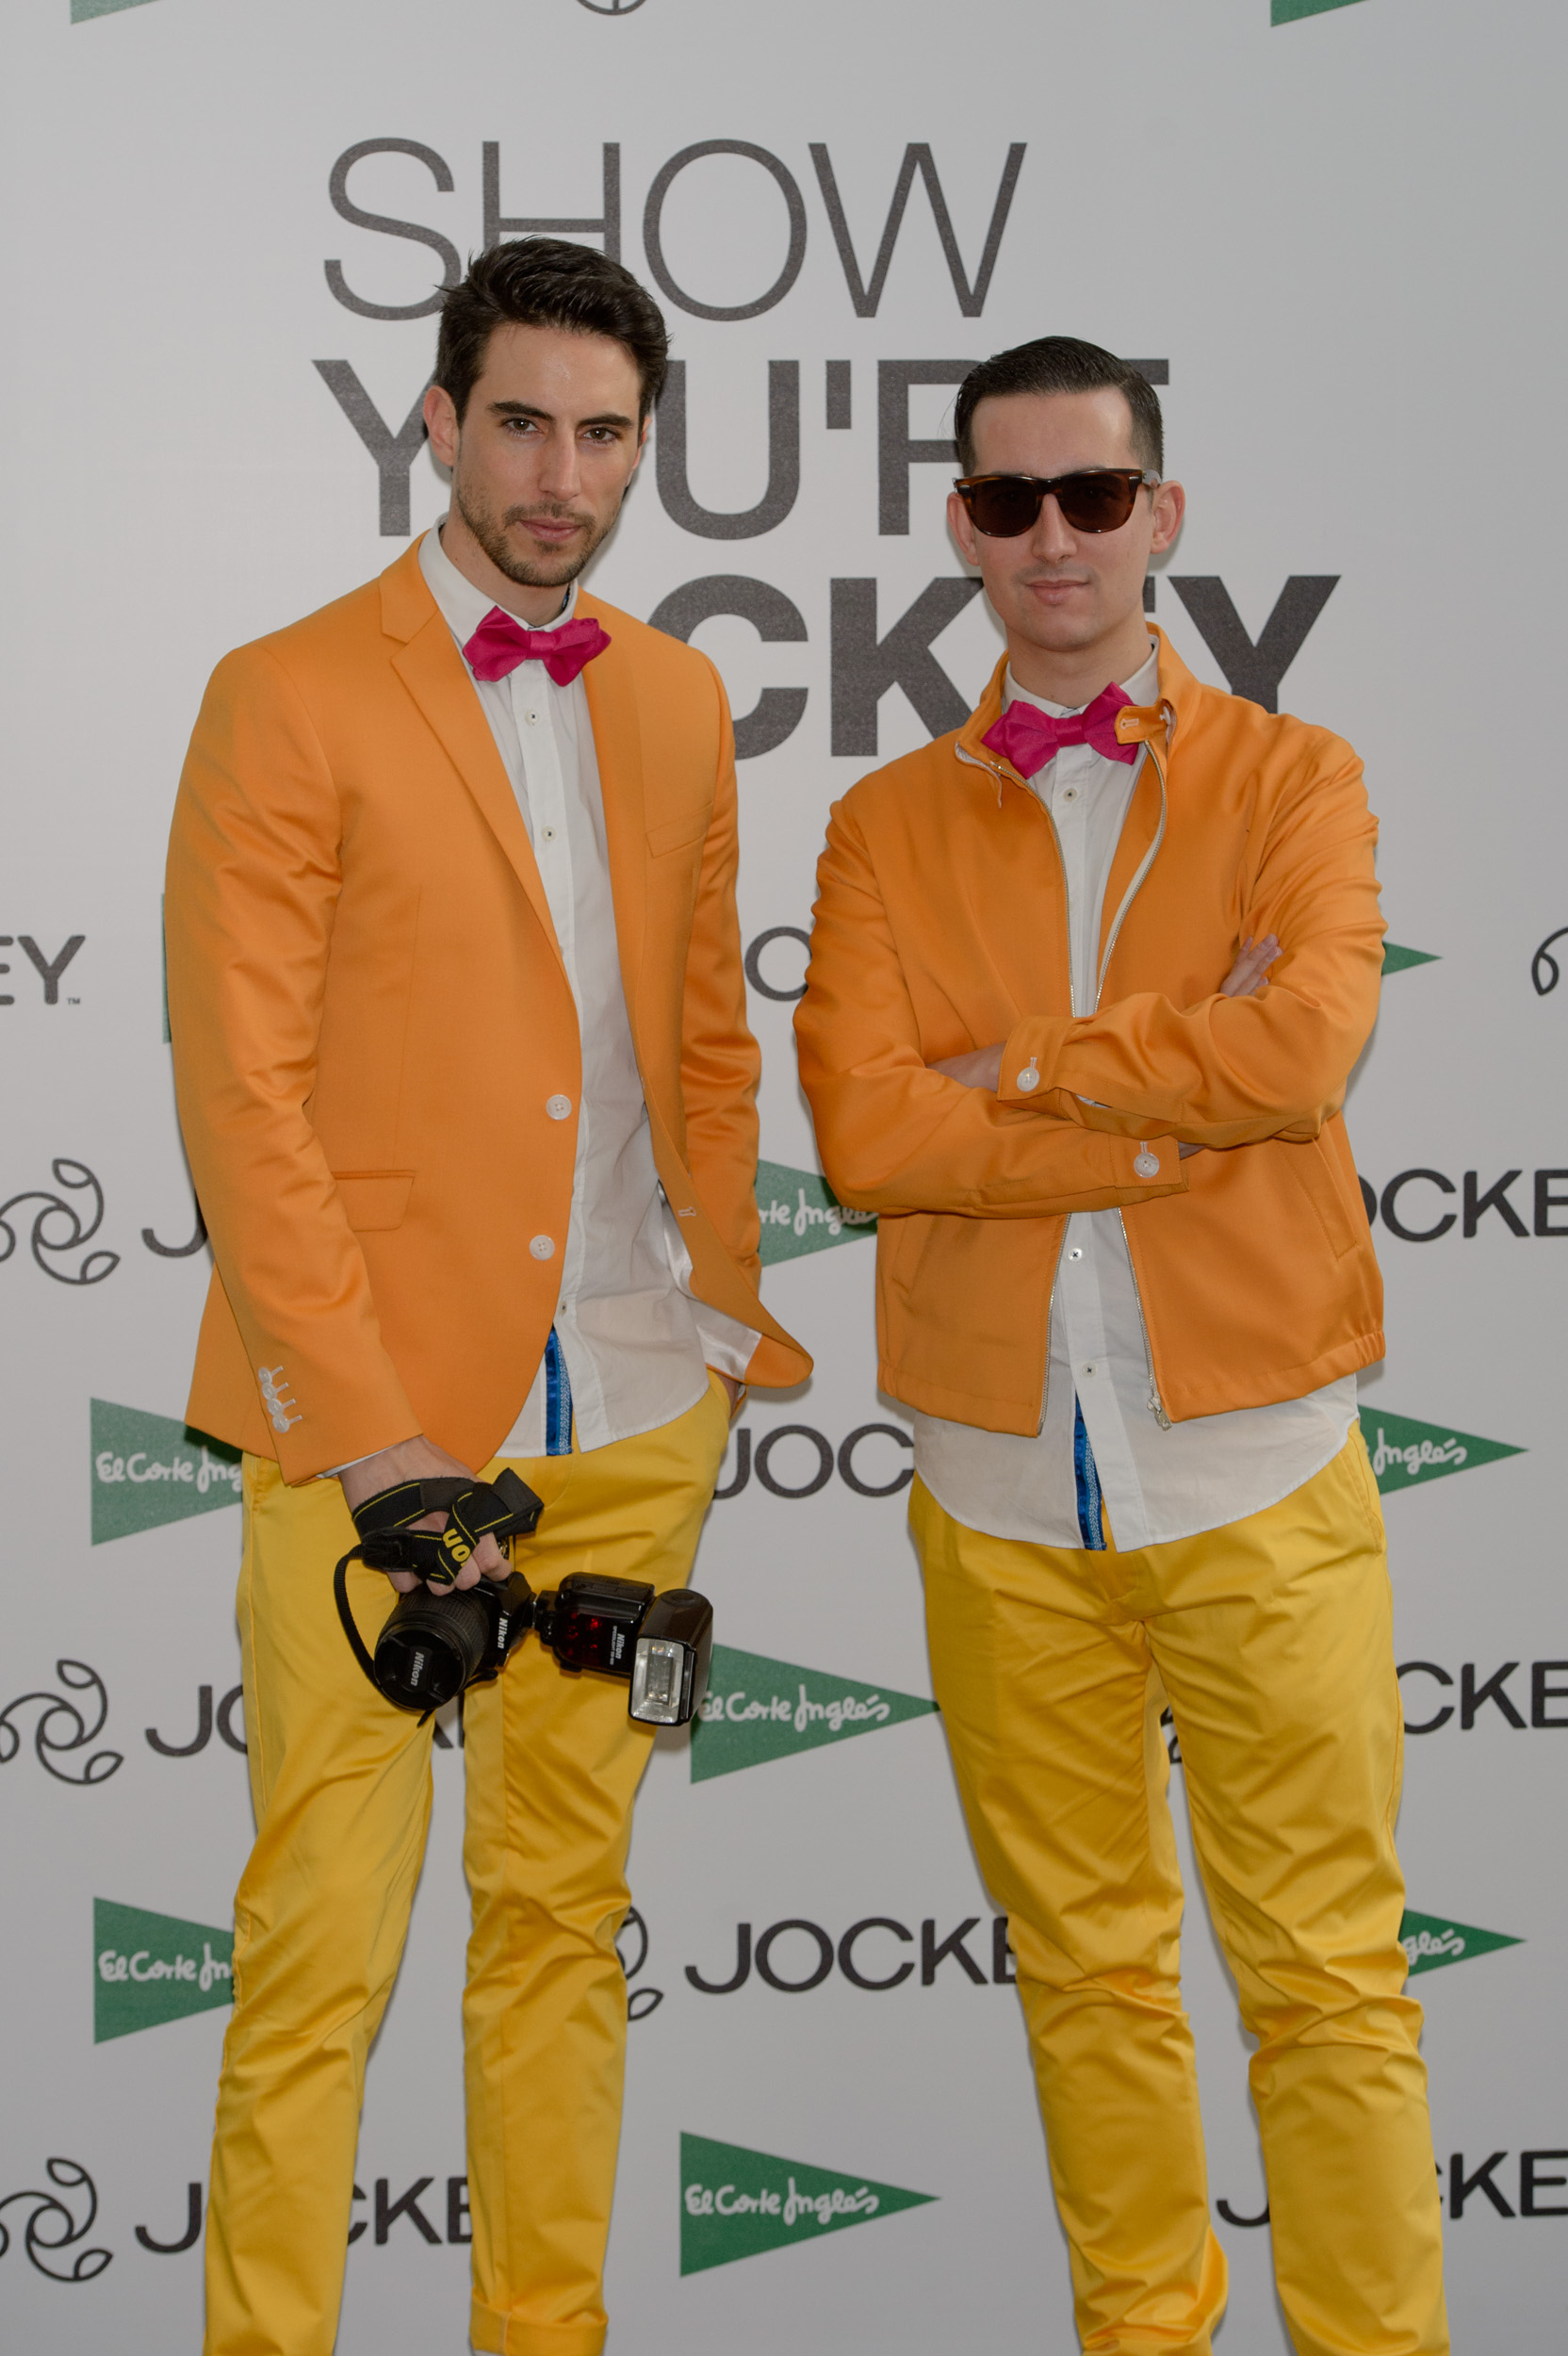 Jockey-Photocall-5992